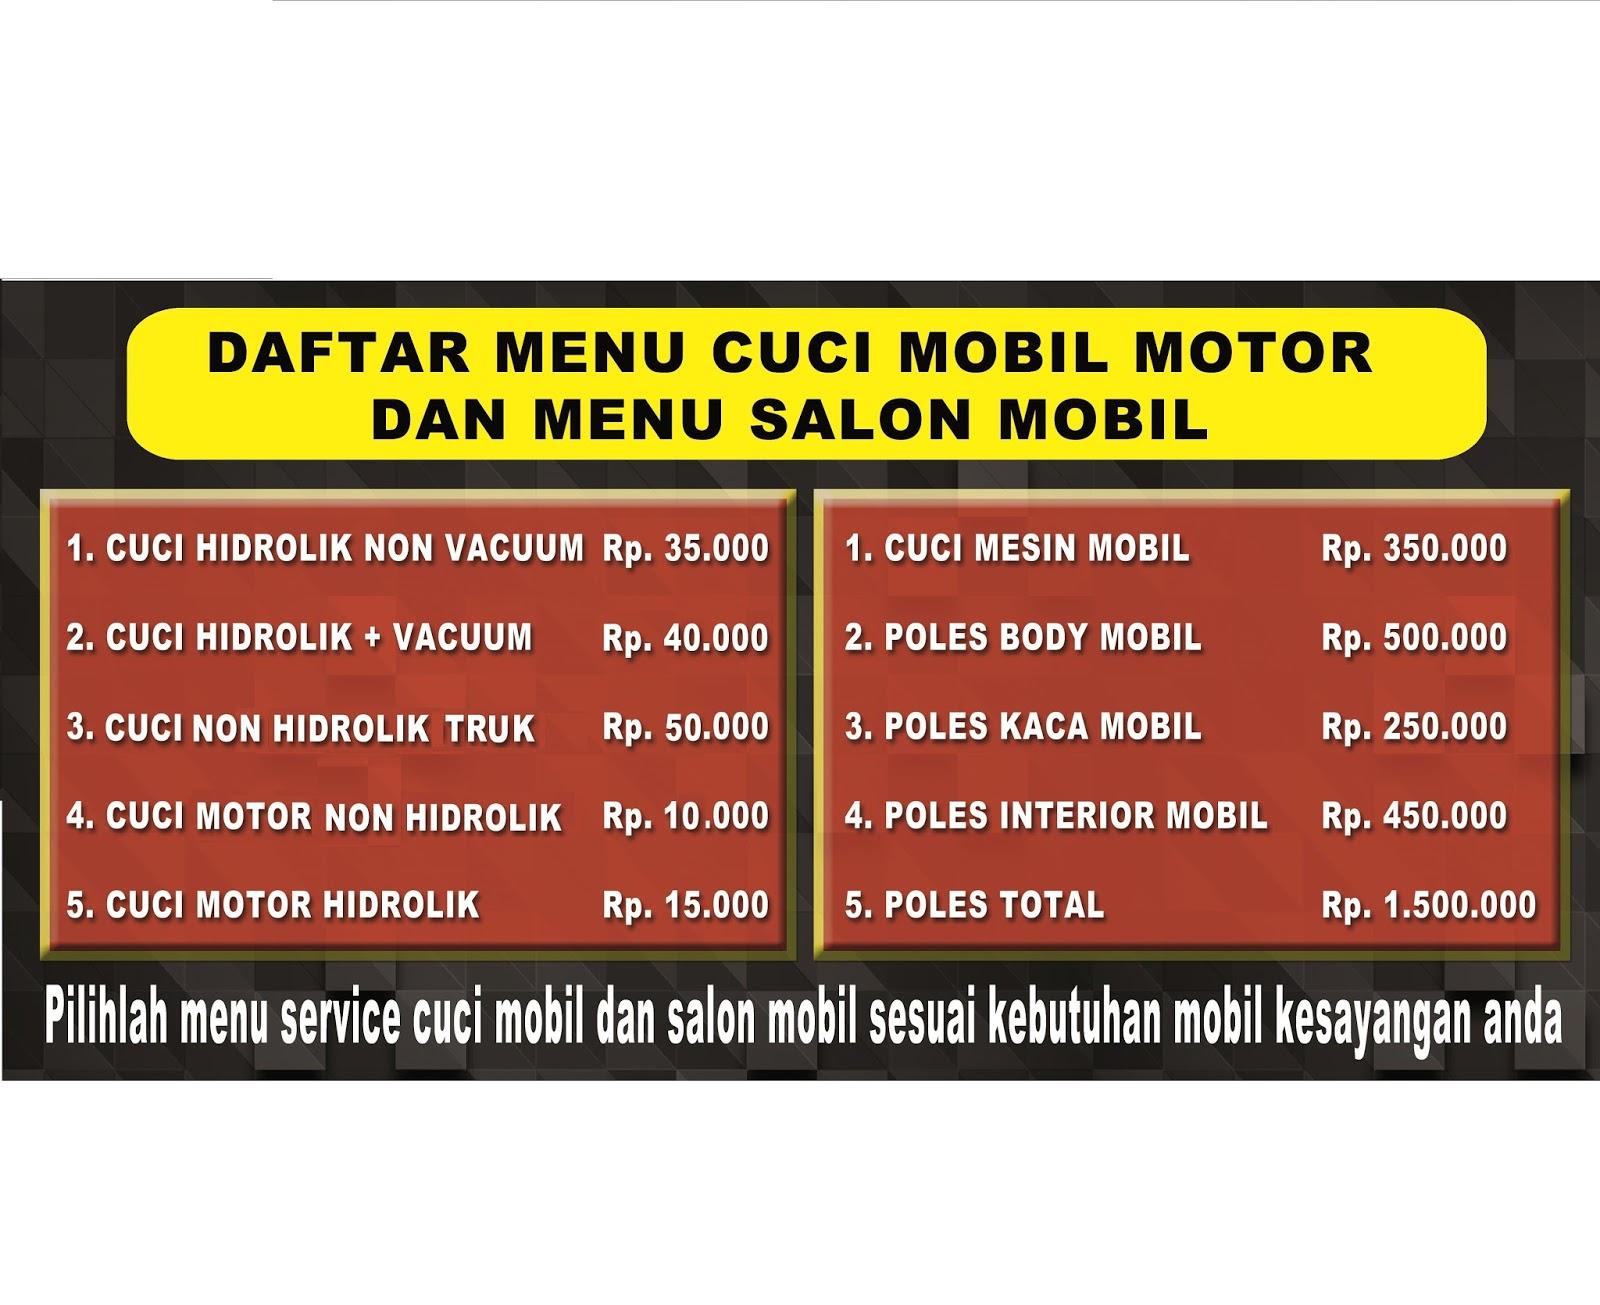 Car Wash Salon Cucian Salon Mobil